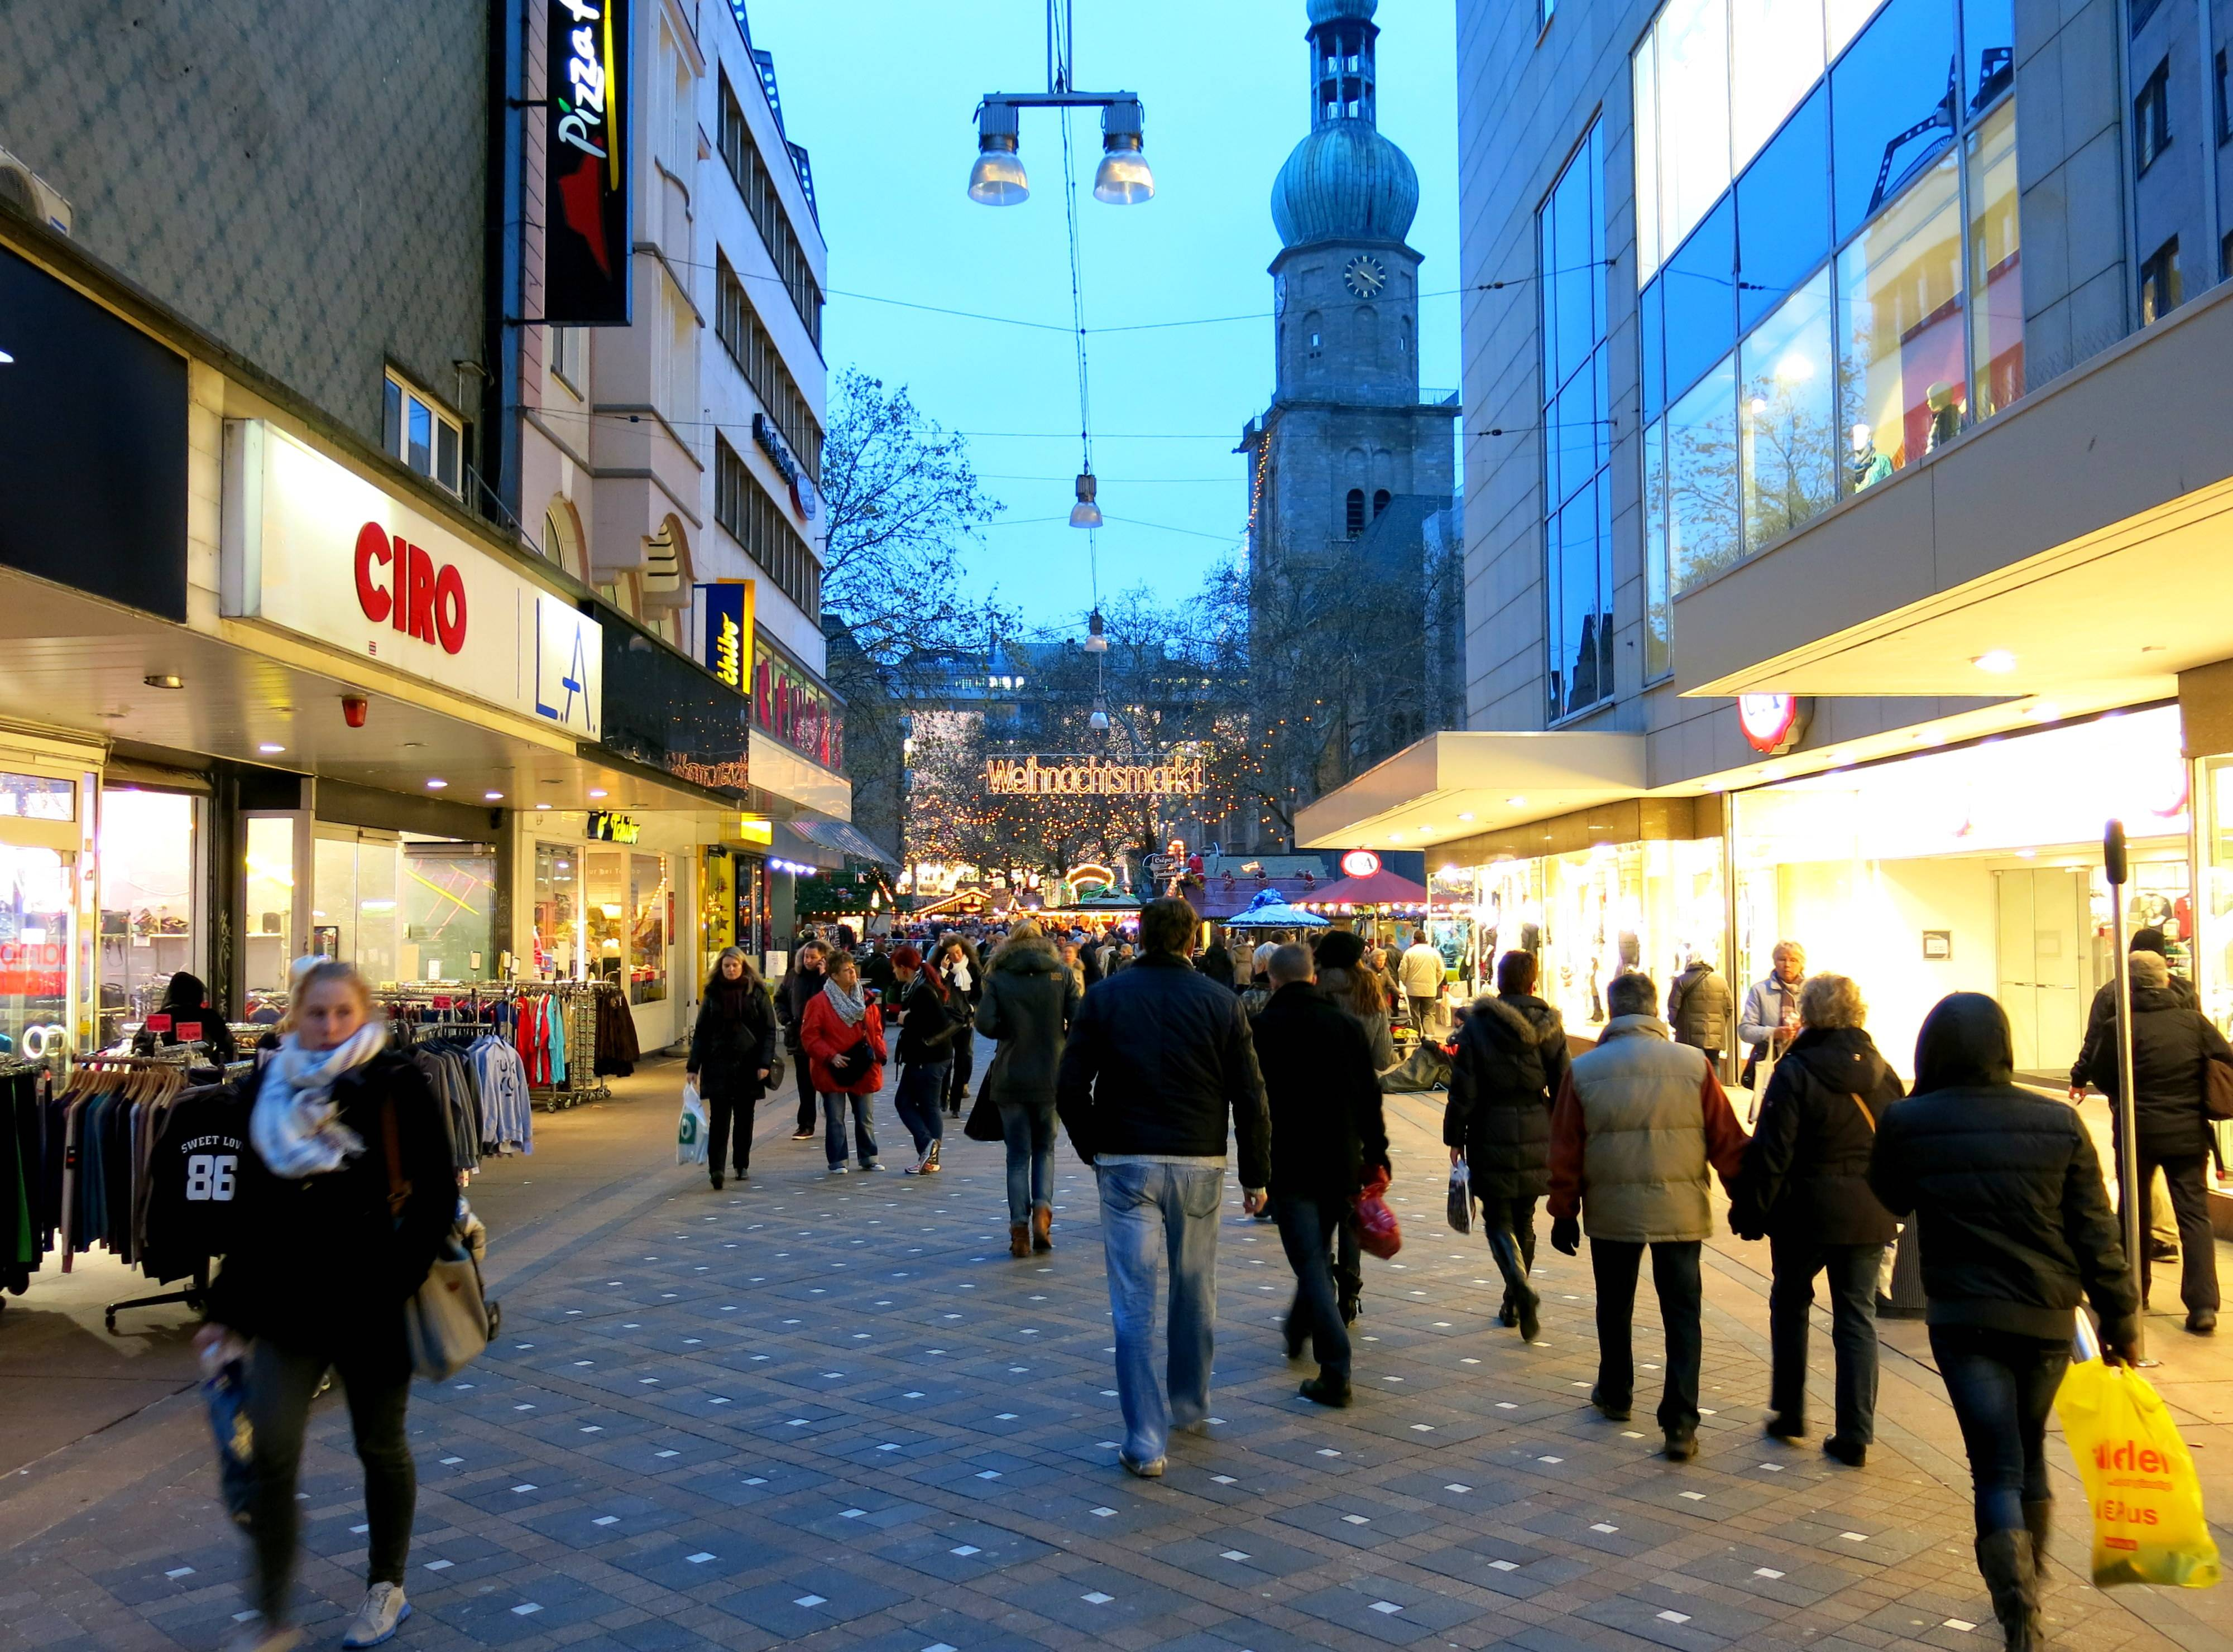 Поездка в гамбург, советы туристу - что стоит и чего нельзя делать в гамбурге